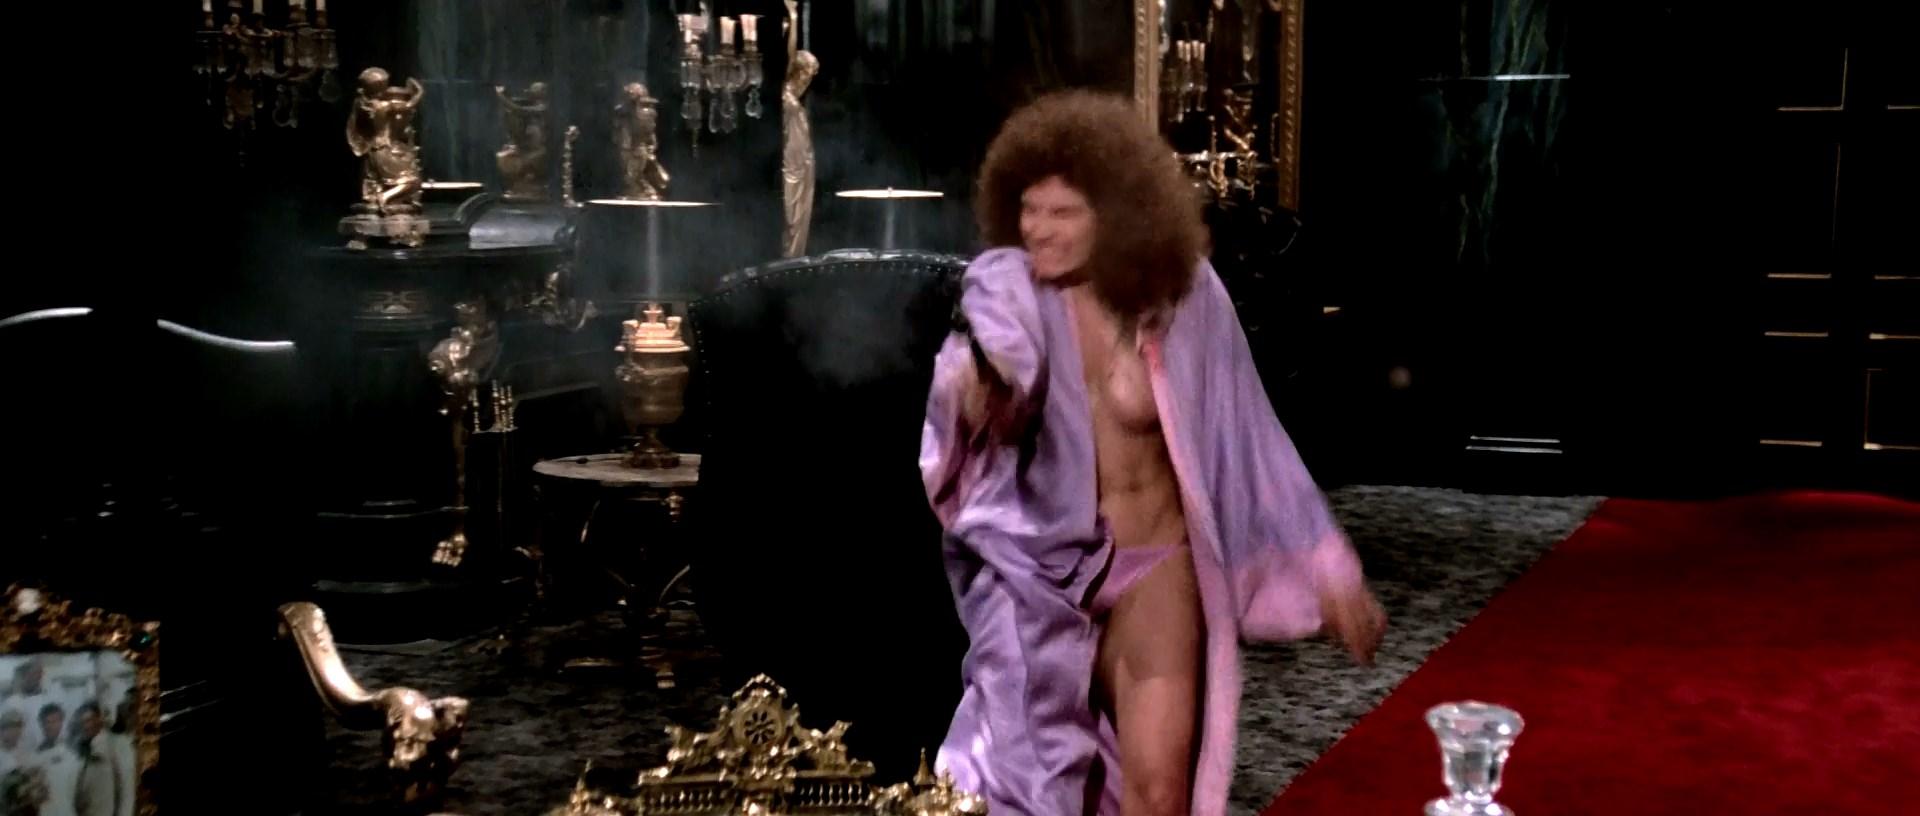 Nude mary elizabeth mastrantonio Mary Elizabeth